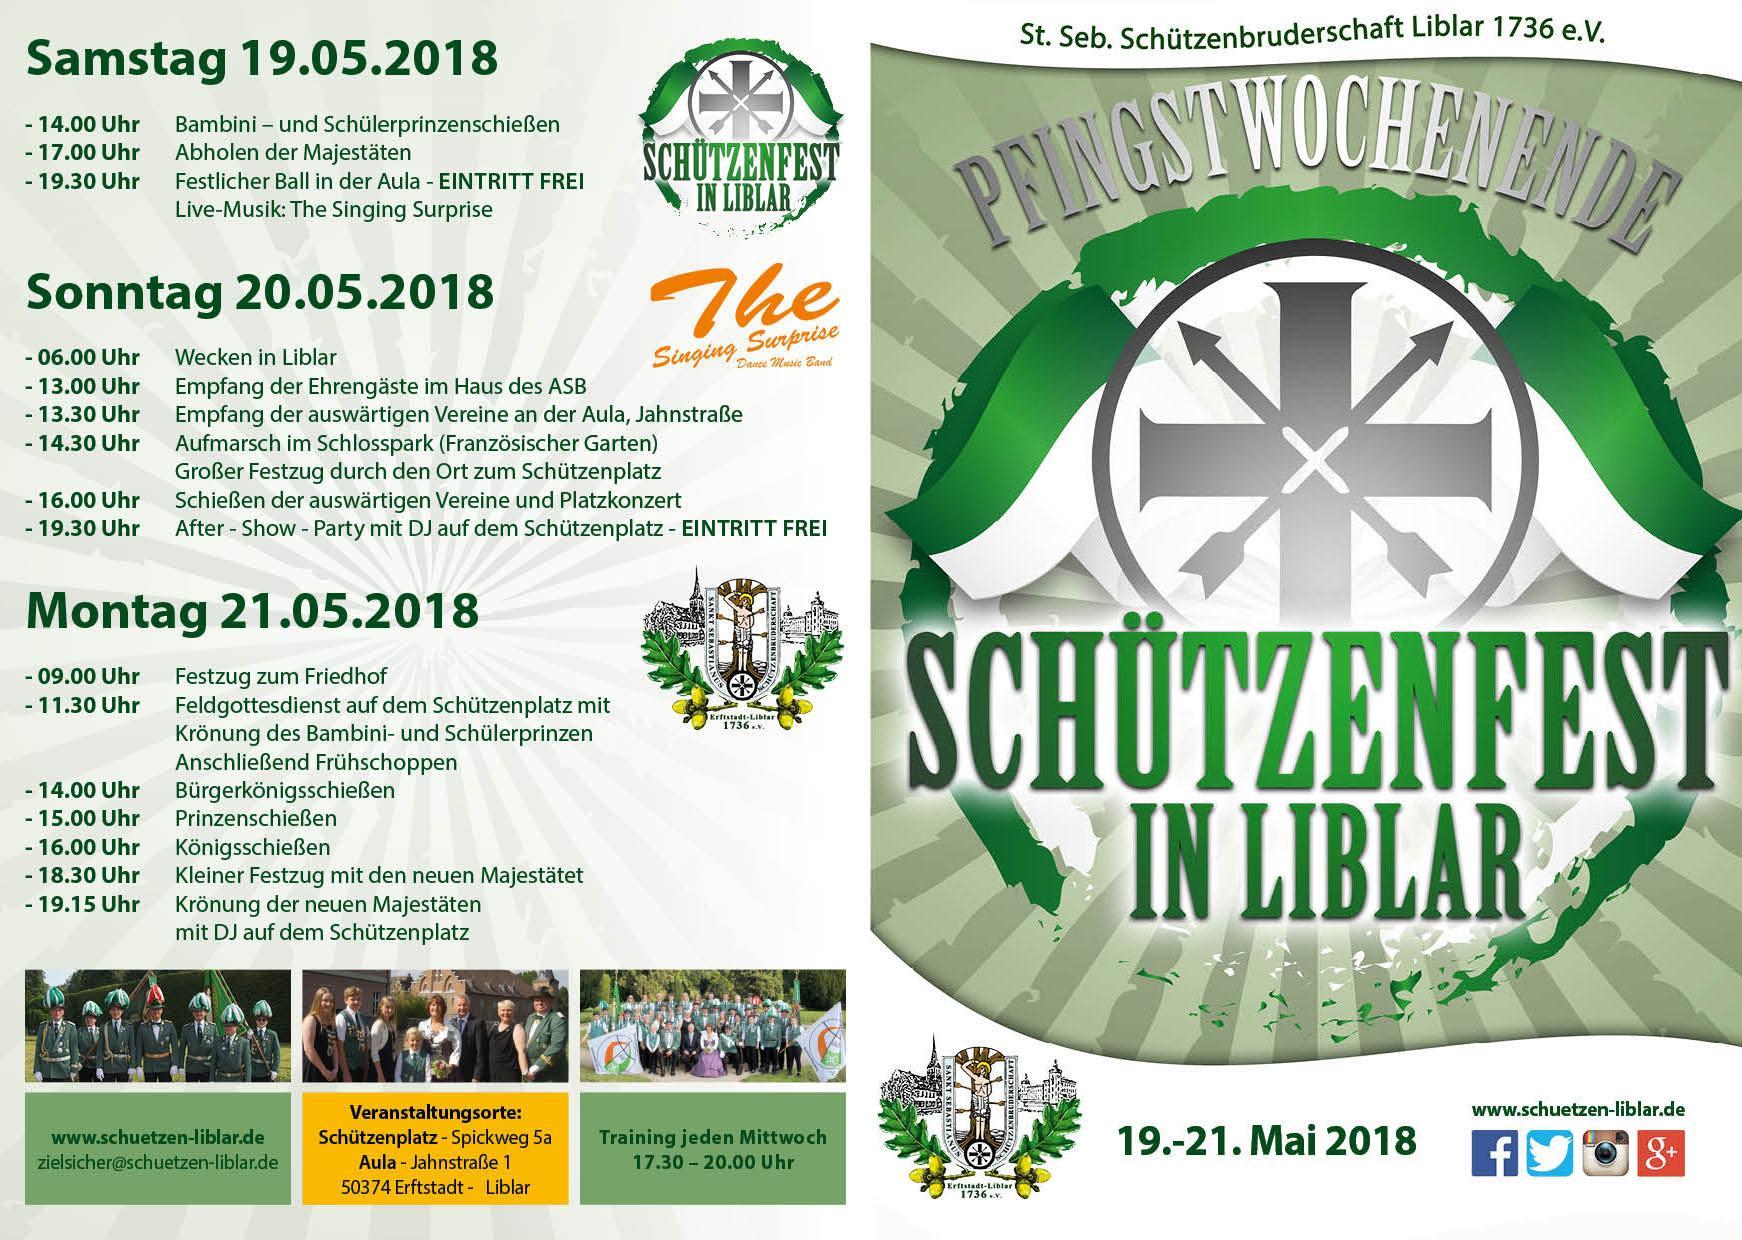 Schützenfest 2018